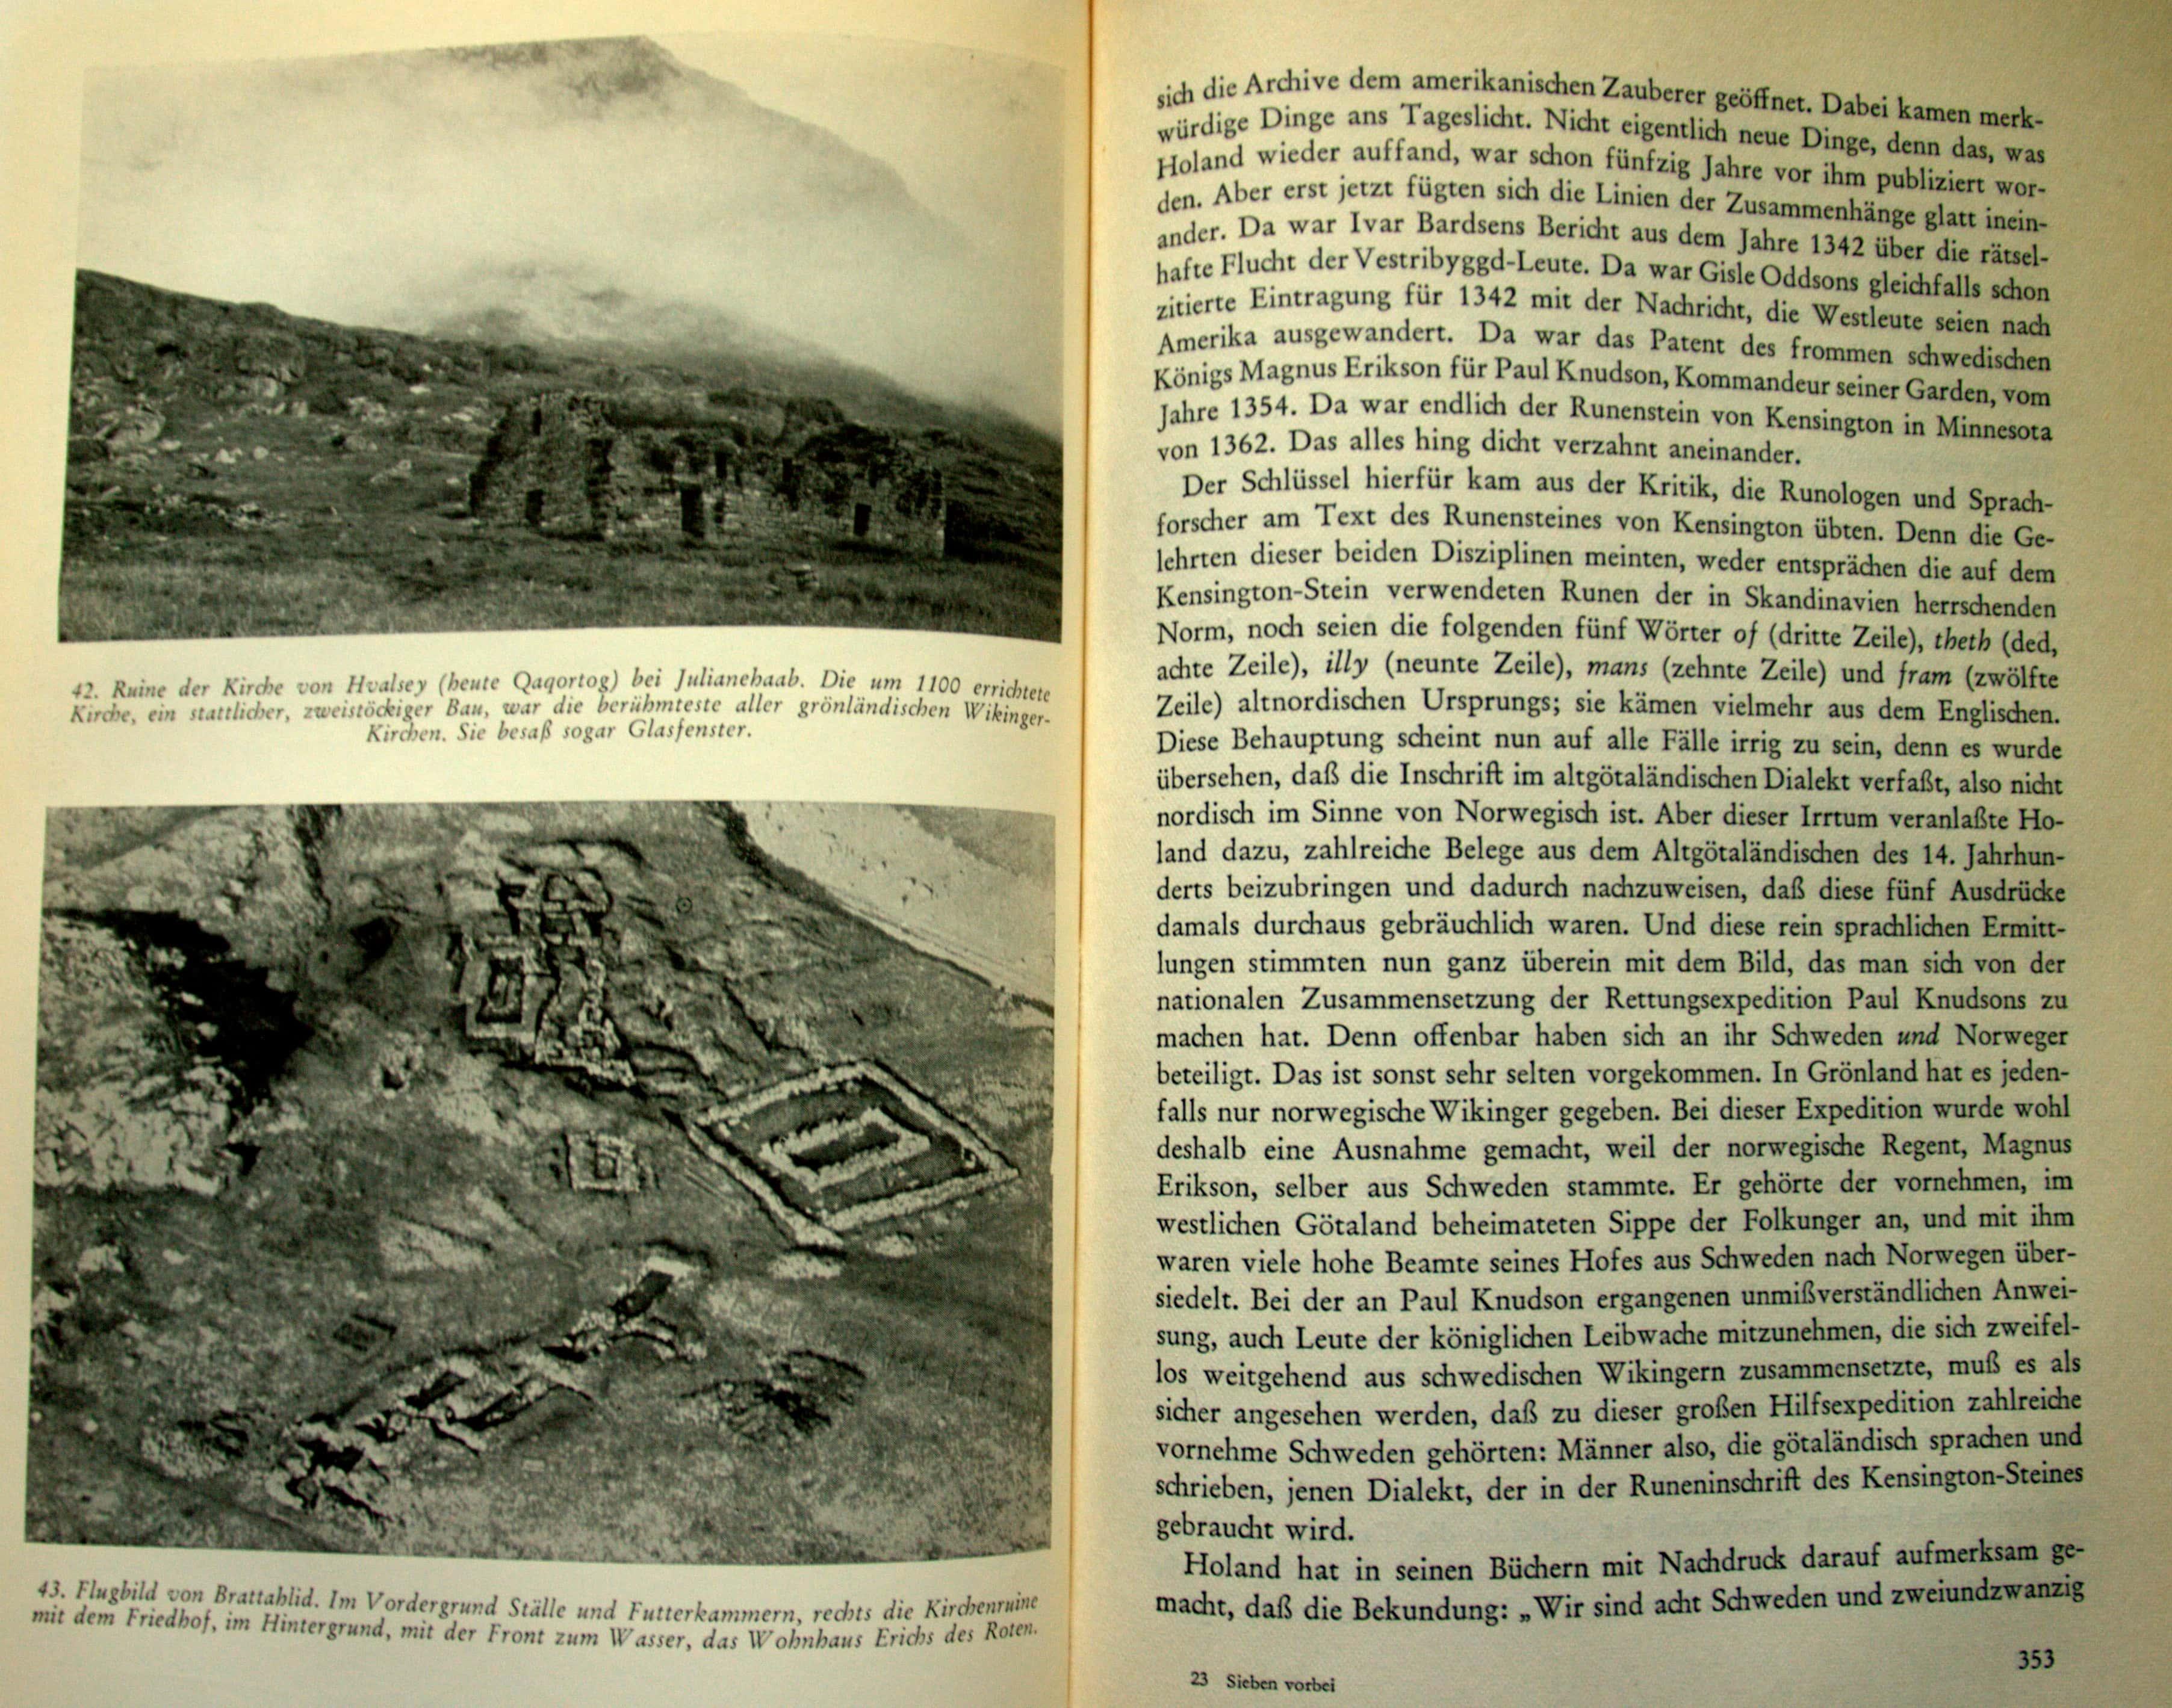 Überreste der grönländischen Wikingersiedlung